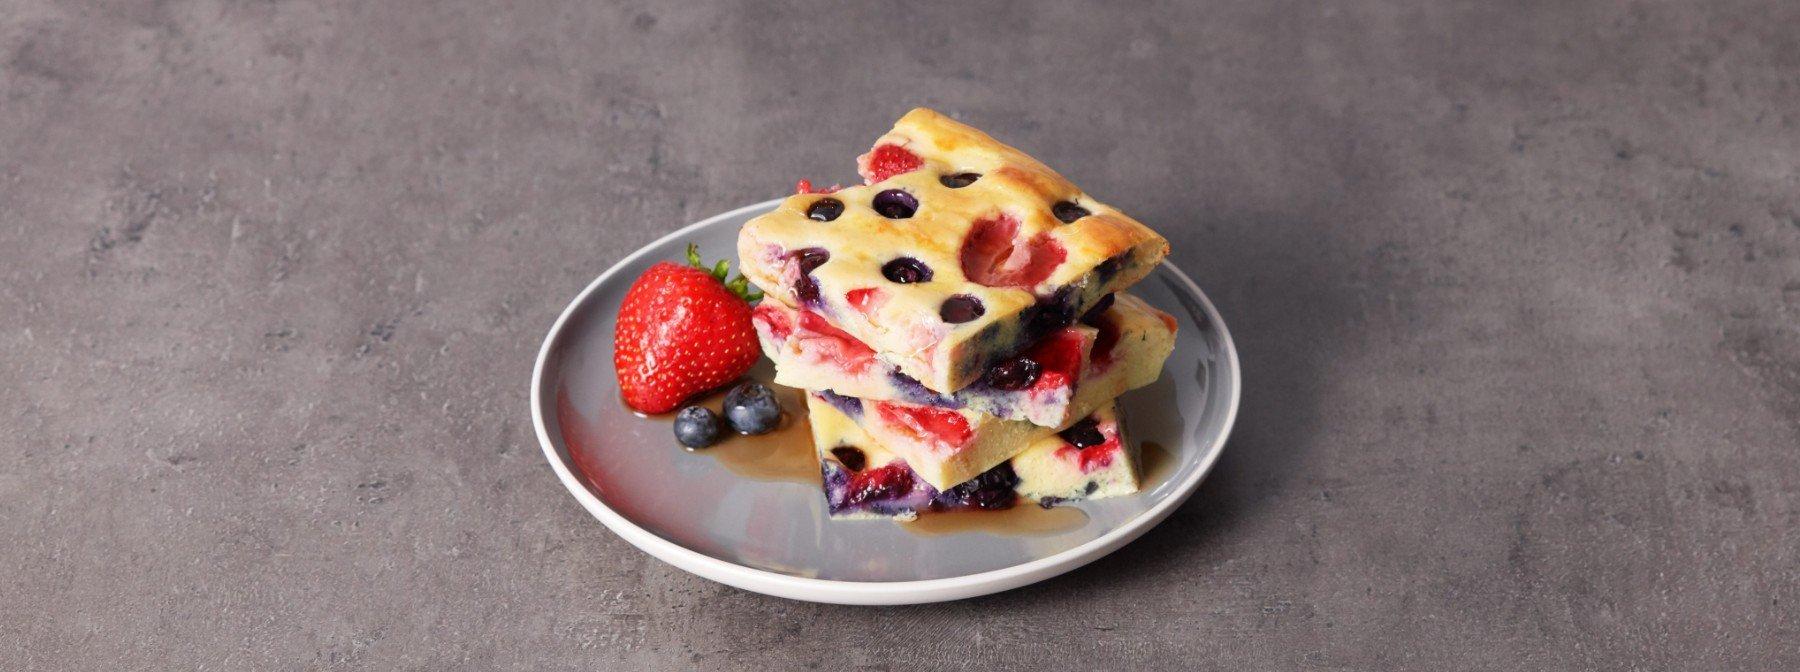 Proteinreiche Rezepte fürs Frühstück | 6 köstliche Ideen